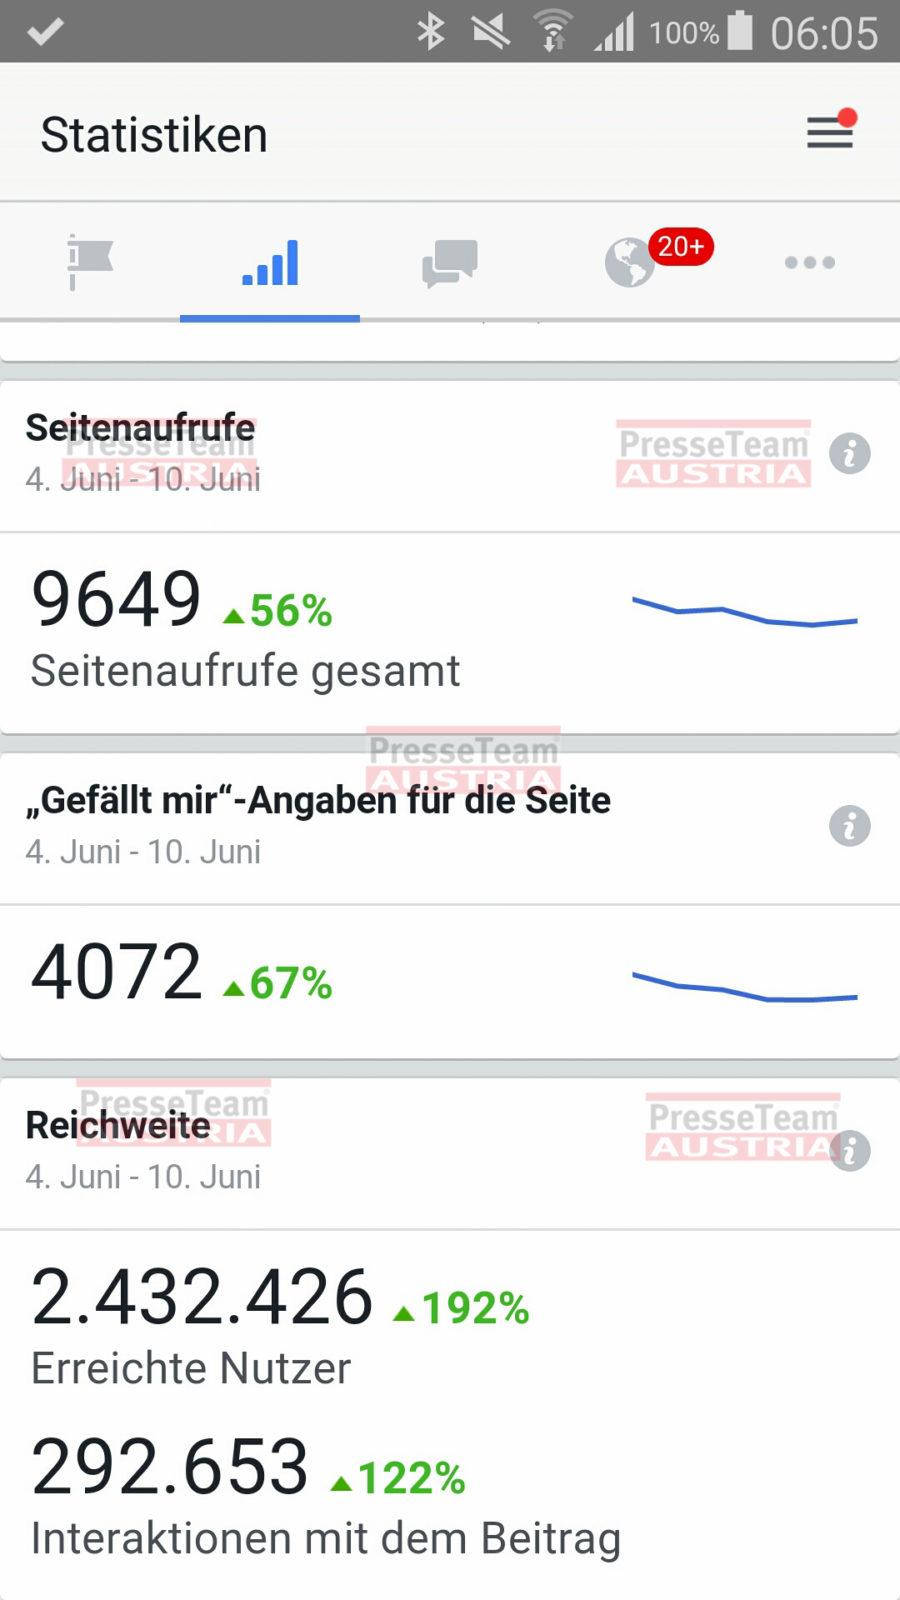 Facebook Marketing Schulung 18 - 10.730.101 Reichweite mit Facebook-Marketing: Der sichere Weg zu Ihrer Zielgruppe!